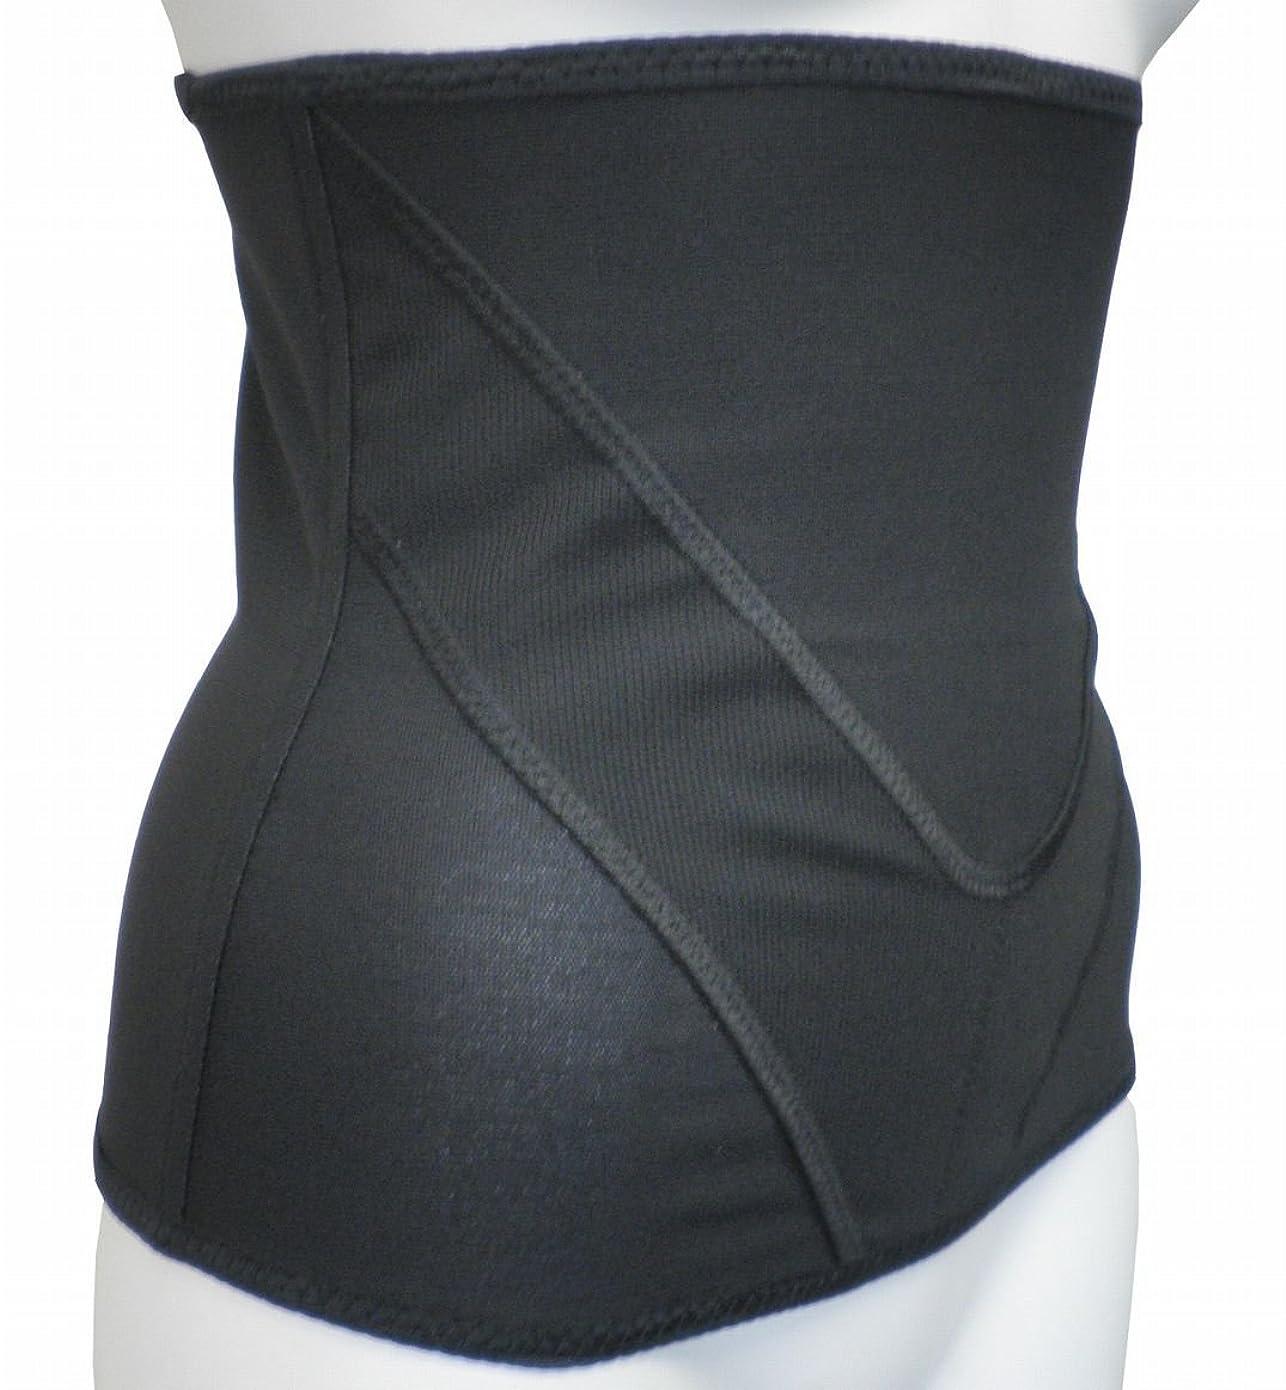 固有のあなたはピック着るだけで腹筋!Vアップシェイパー (3Lウエスト85~93cm, ブラック)